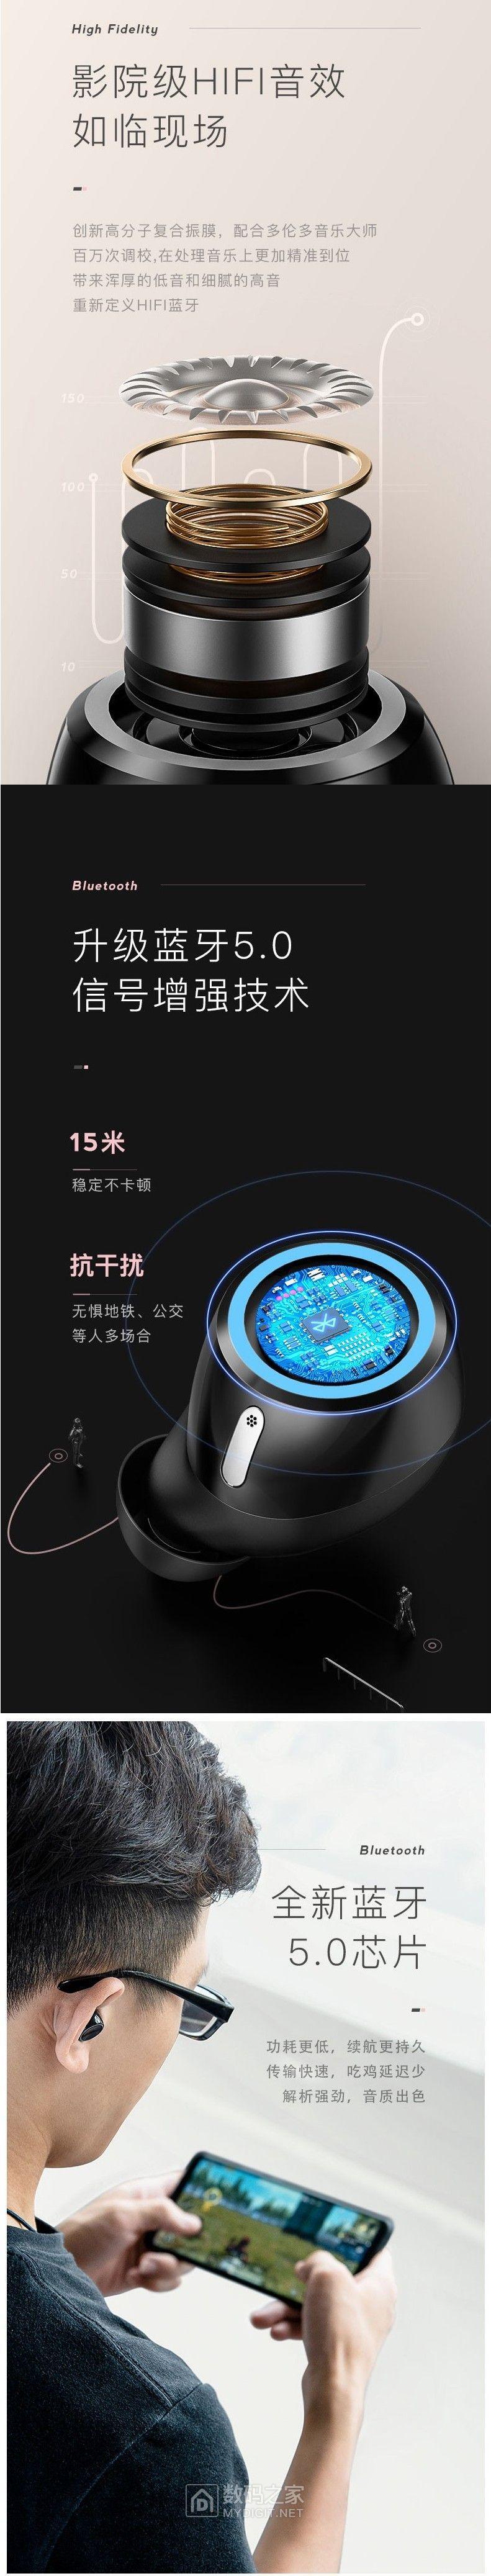 Nineka南卡N2蓝牙5.0耳机~全新触控真无线蓝牙耳机评测活动(拆客试用67期)